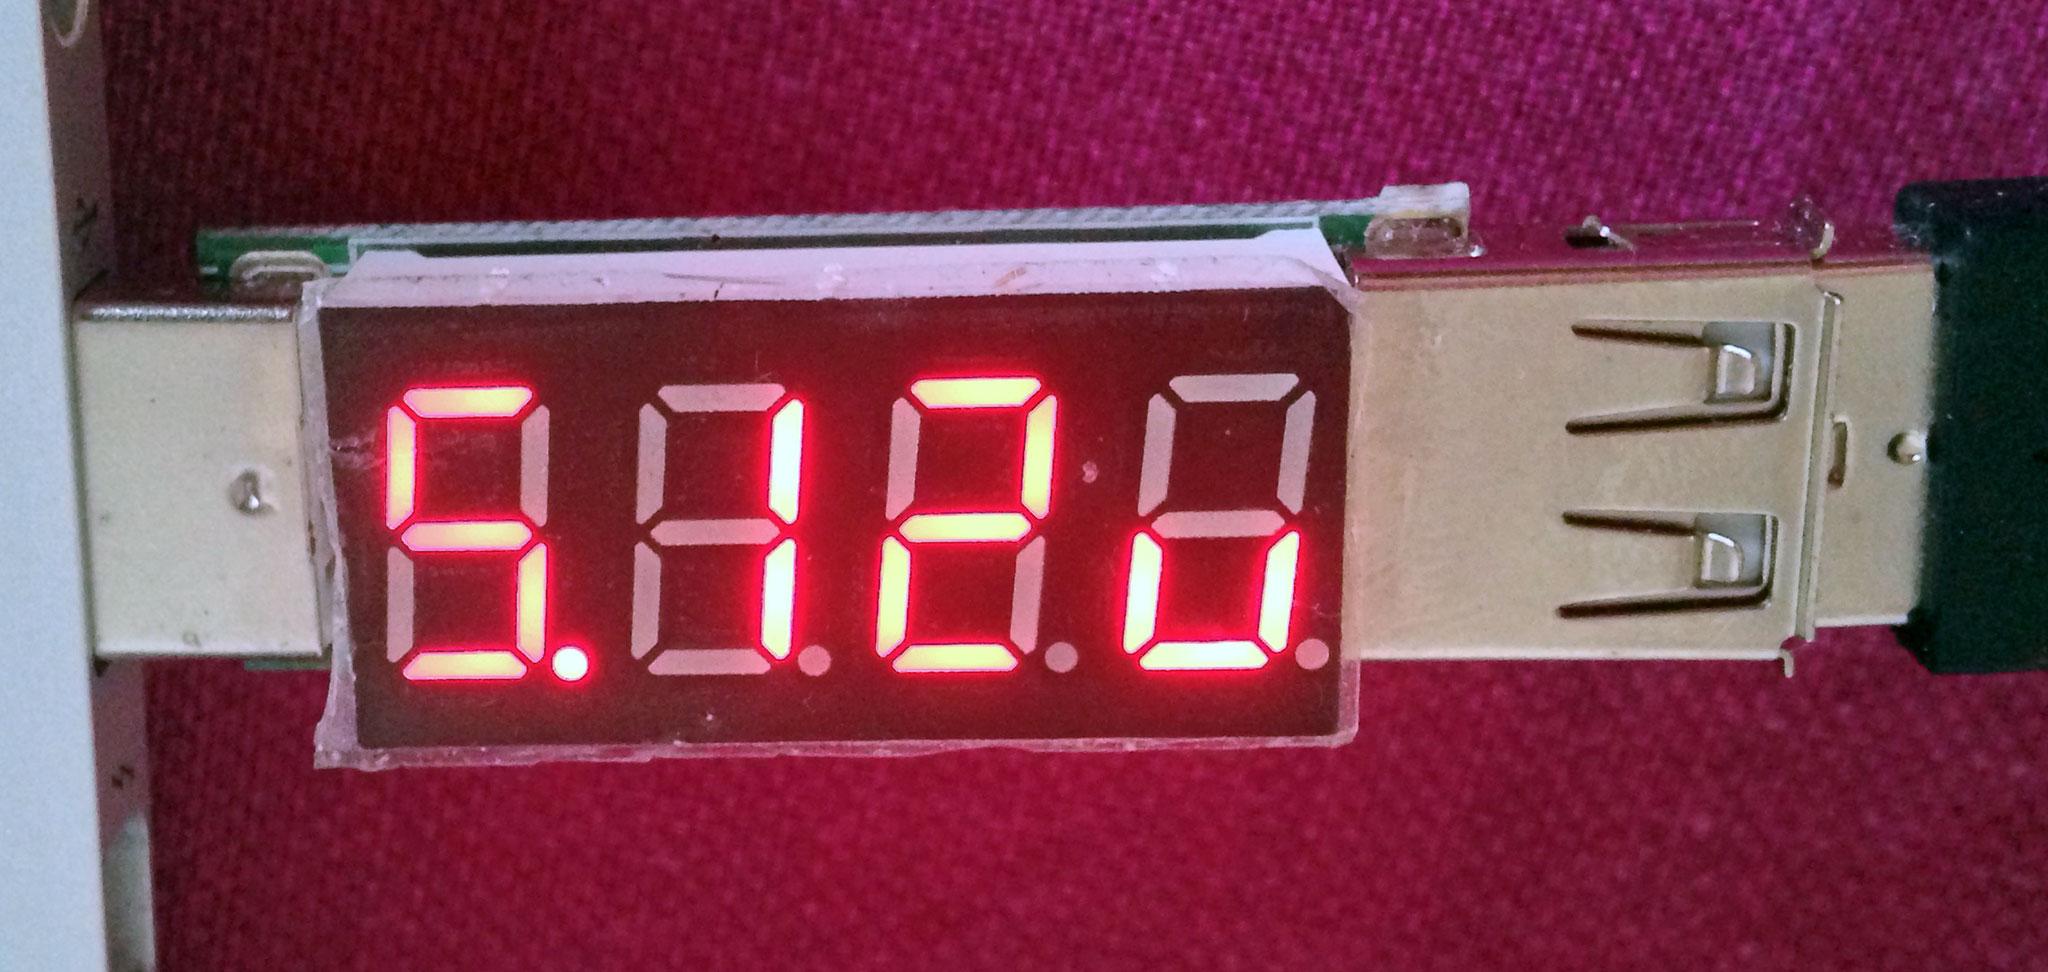 USB Power Meter – 5.12 v